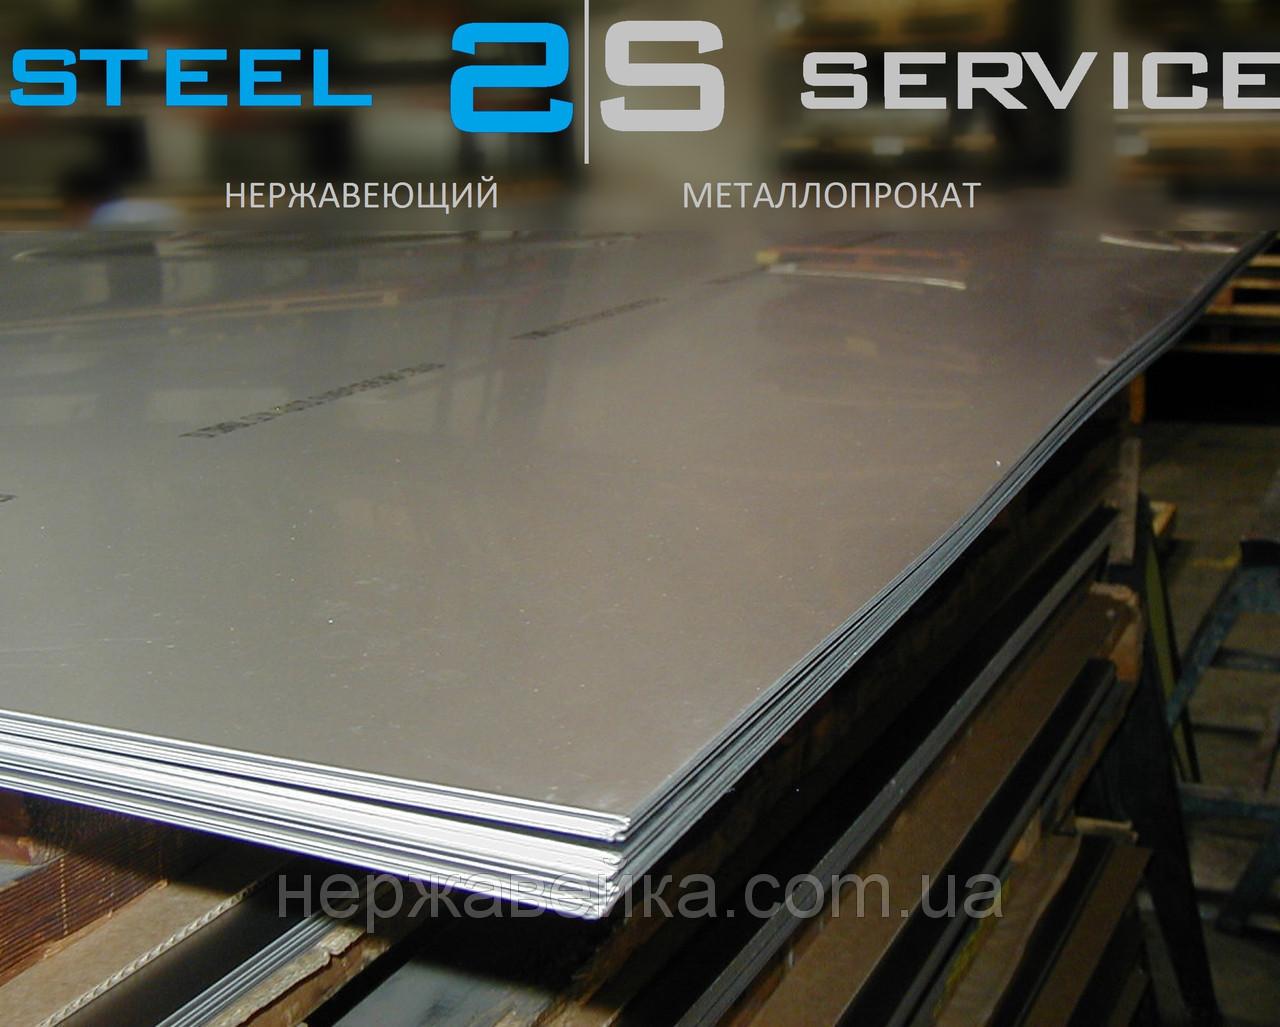 Нержавеющий лист 0,8х1250х2500мм  AISI 304(08Х18Н10) 4N - шлифованный,  пищевой